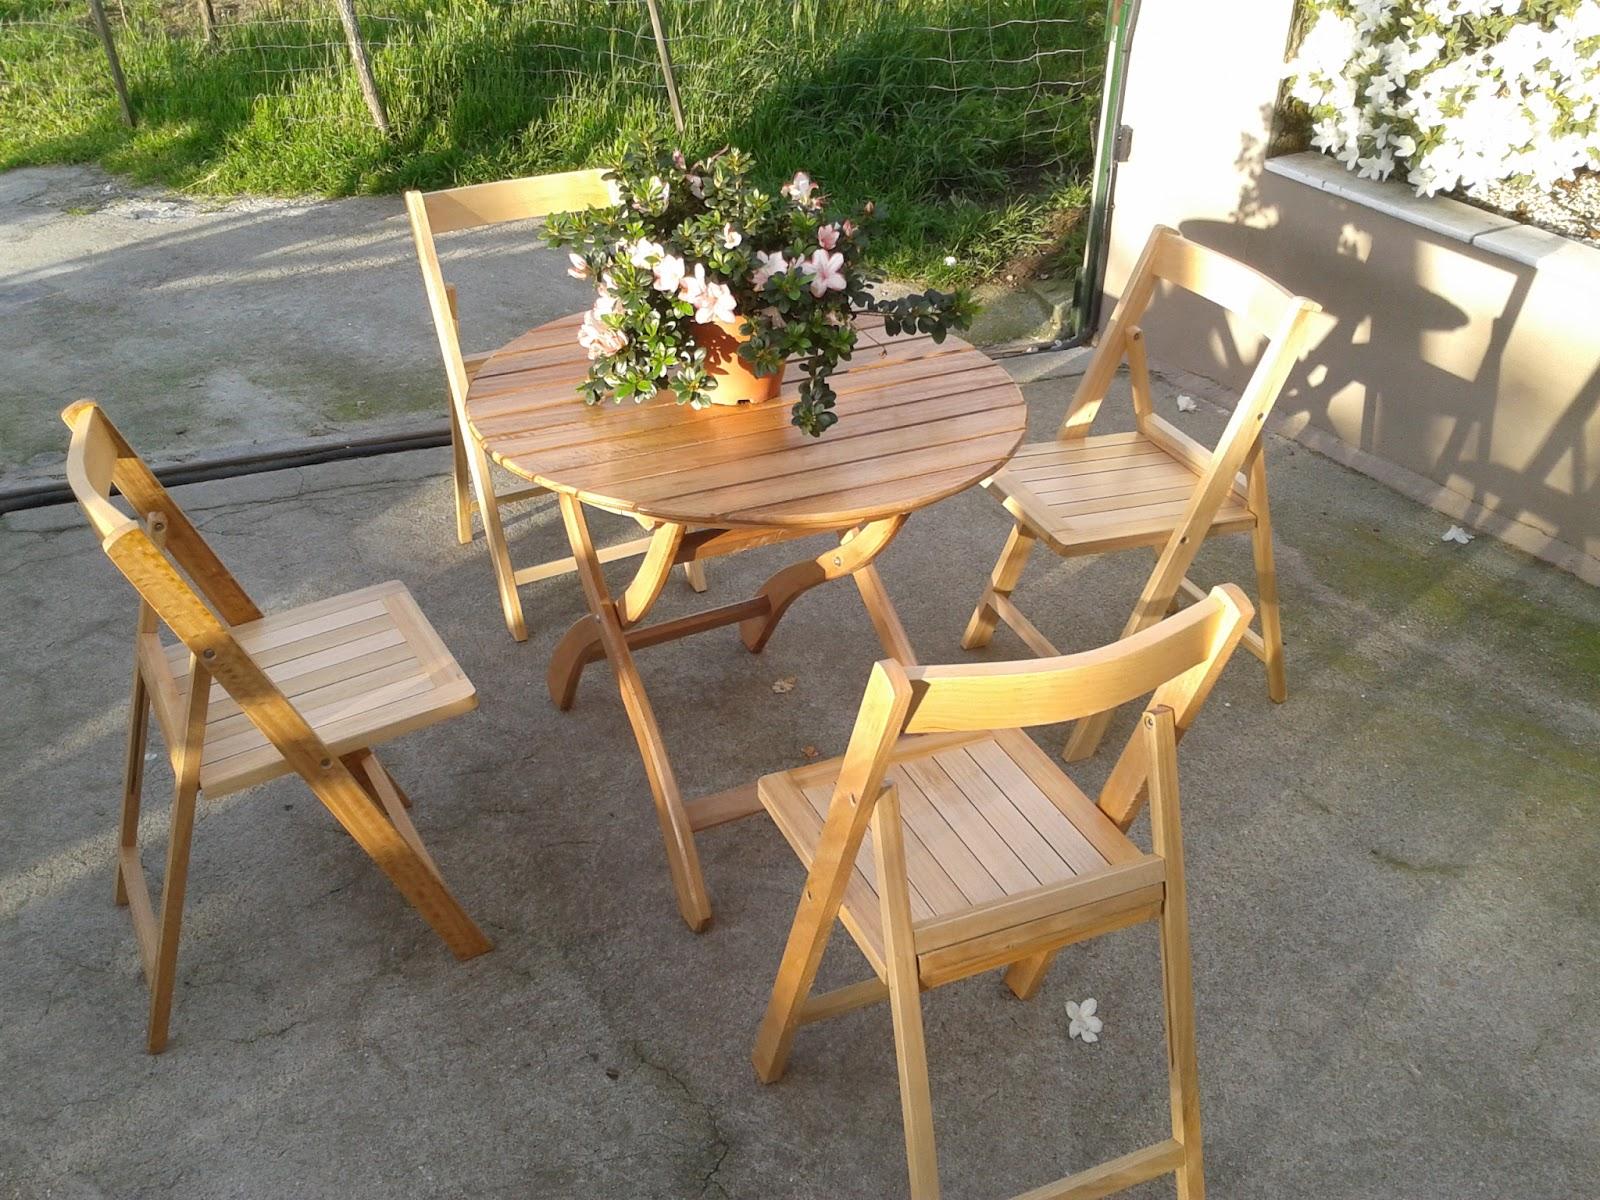 Venta de sillas y muebles plegables - Sillas de madera plegables precios ...